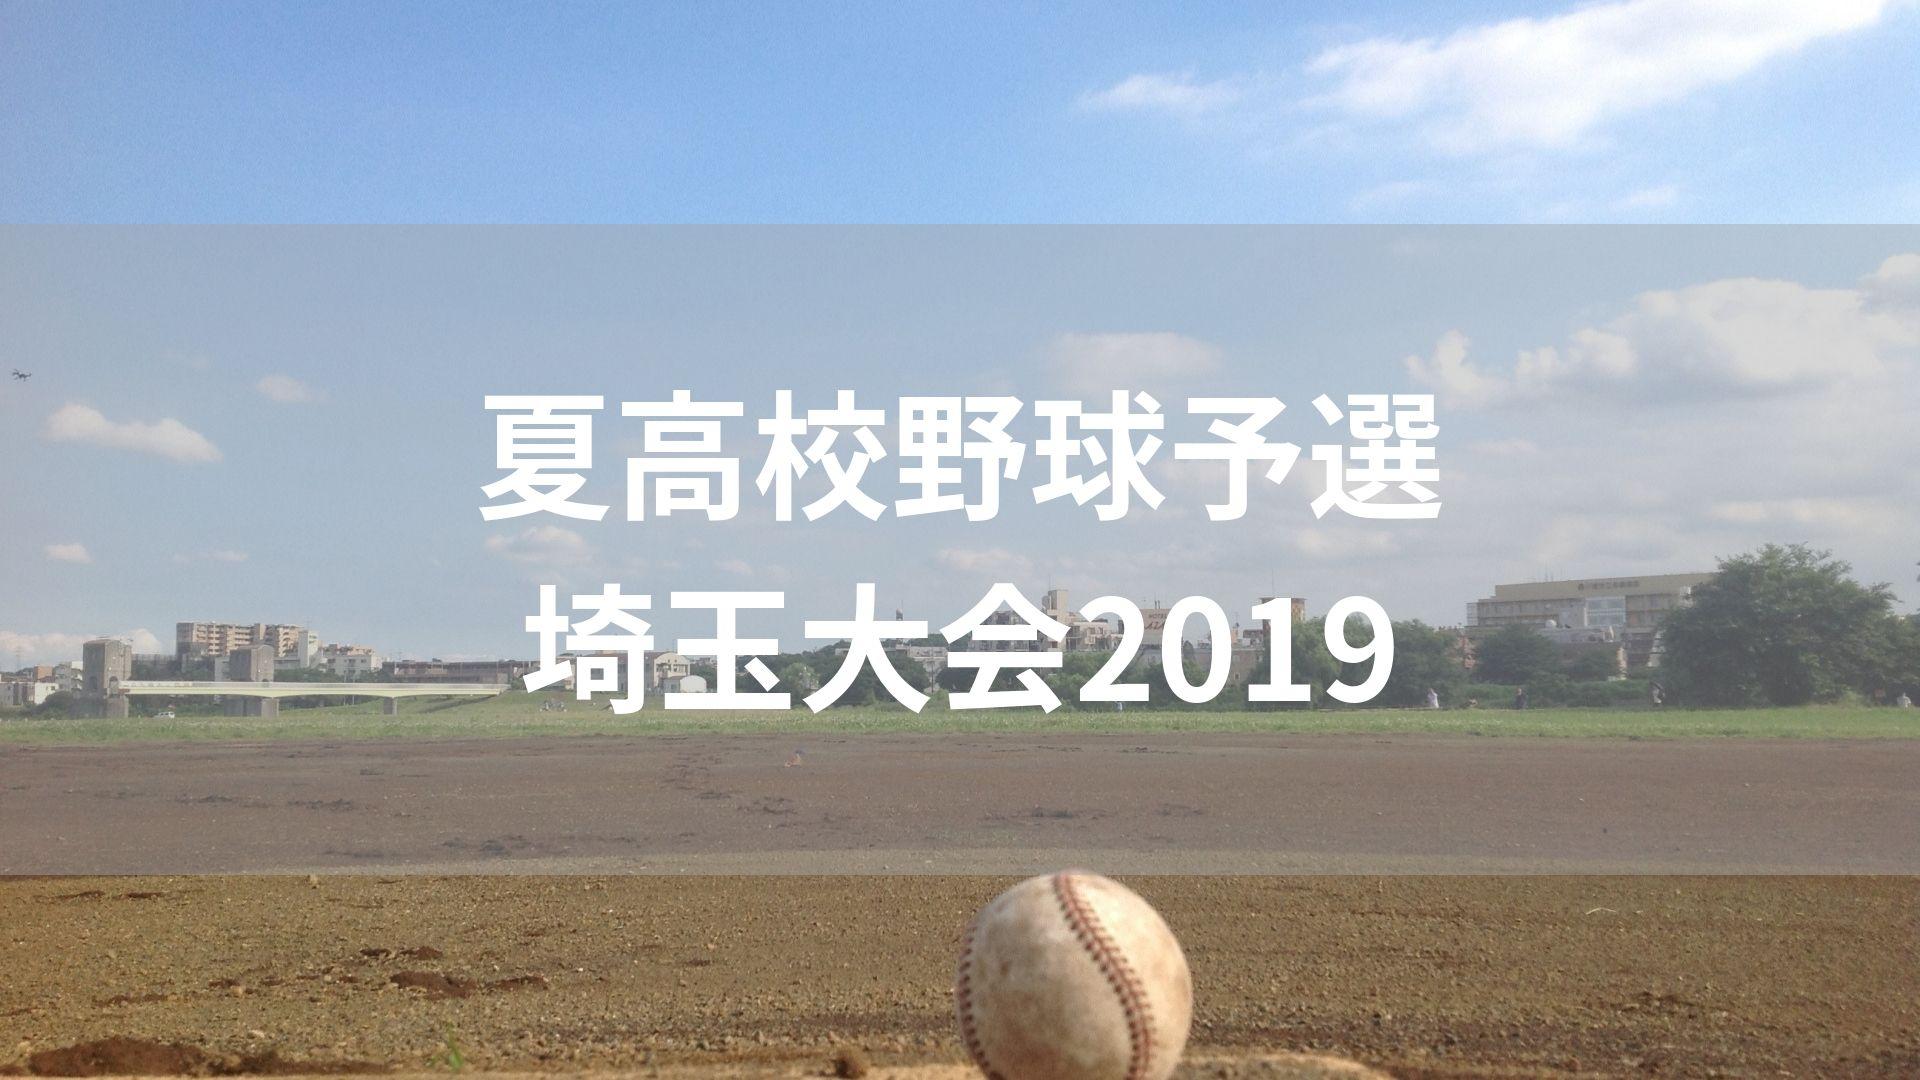 夏高校野球予選埼玉大会2019